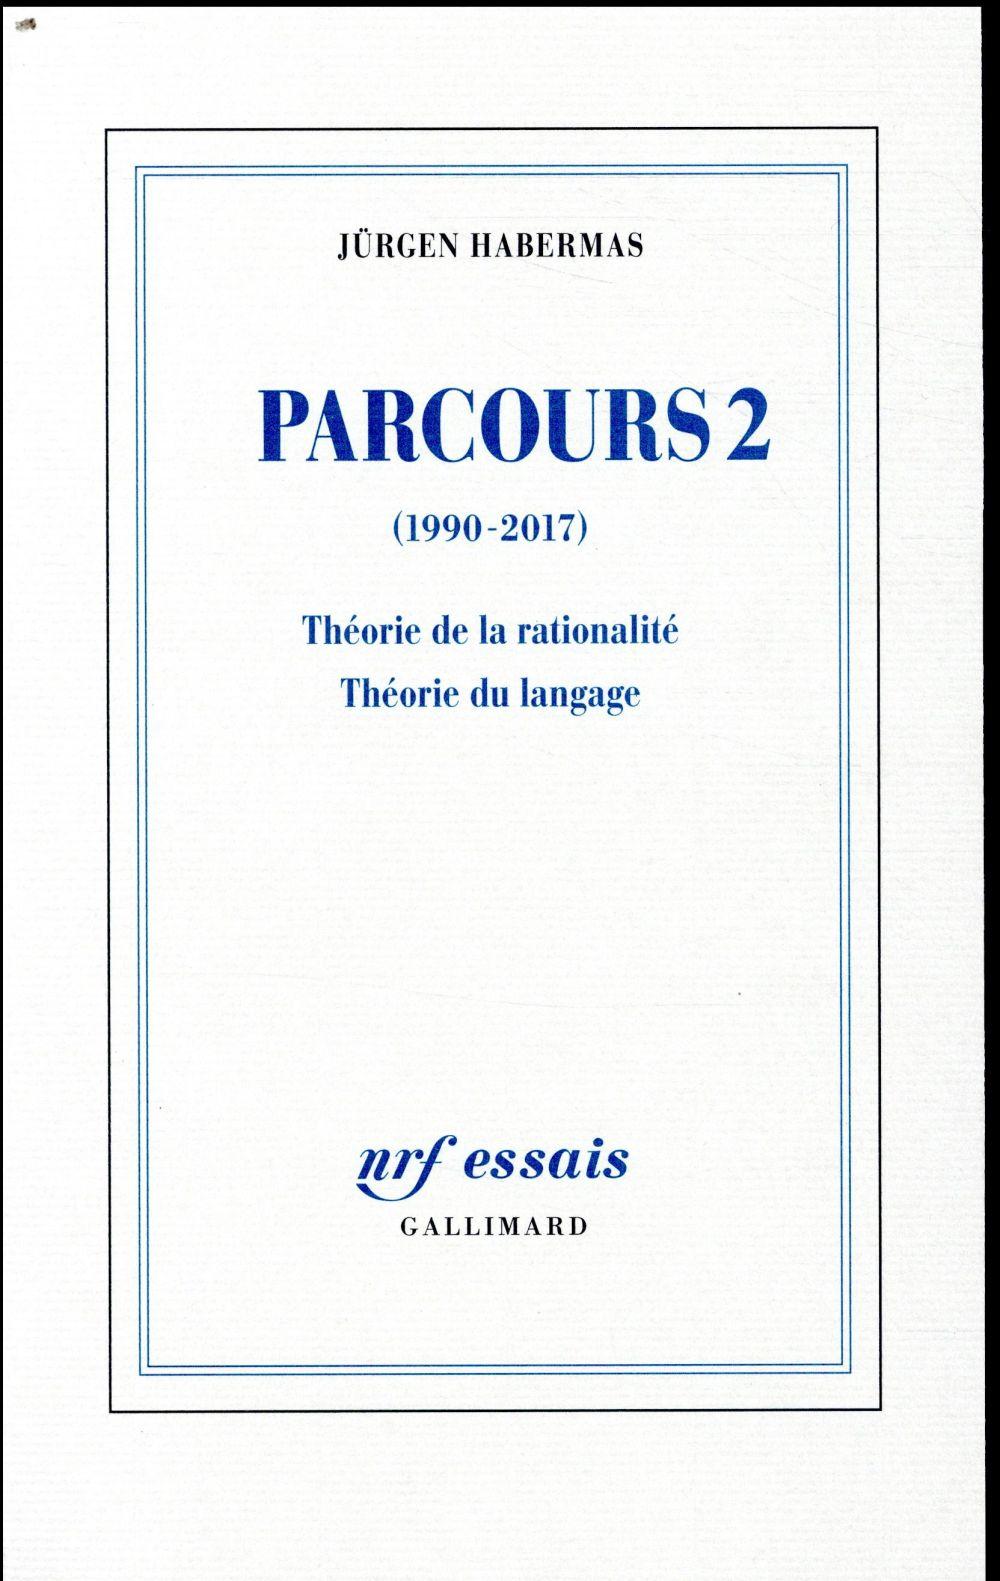 PARCOURS 2 (1990-2017)